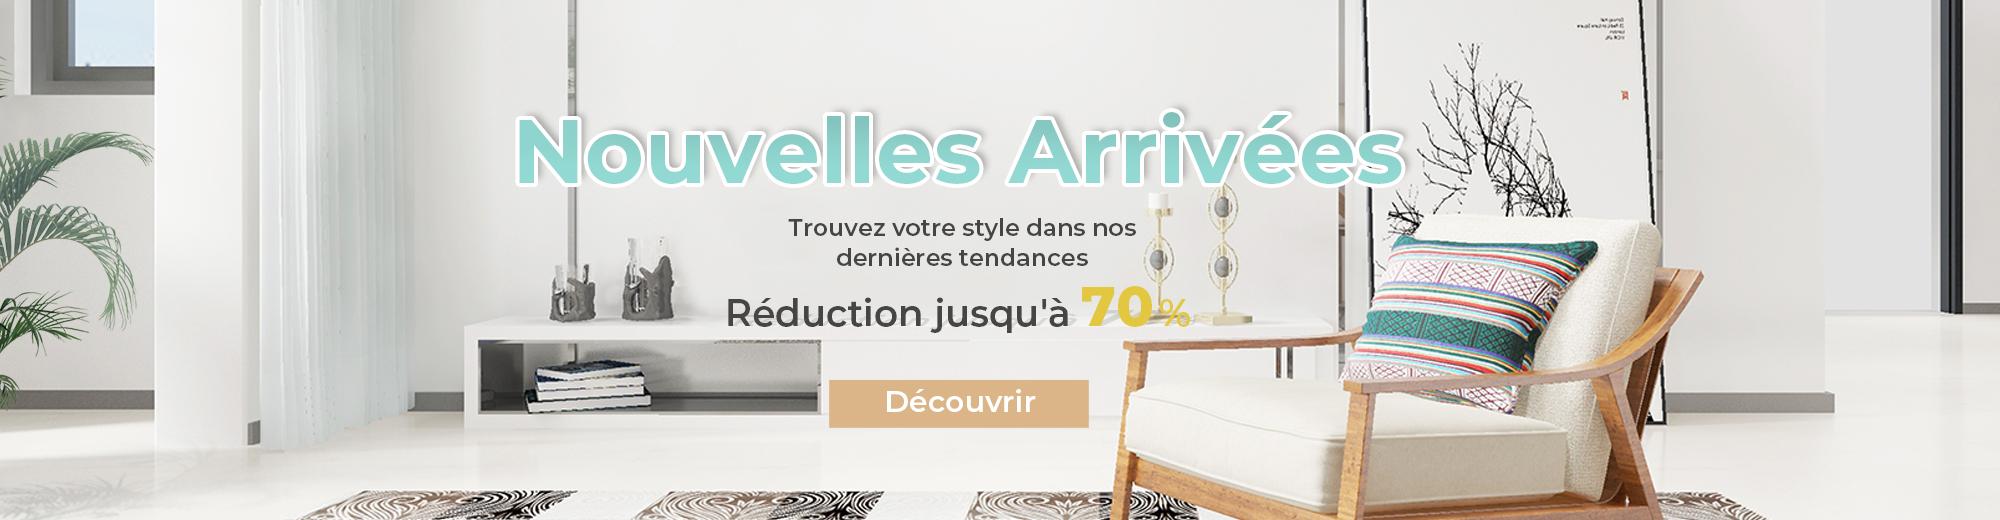 Trouvez votre style dans nos dernières tendances. Décorez votre maison avec nos nouveautés à prix spécial et profitez d'une livraison gratuite sur tout le site costway.fr!